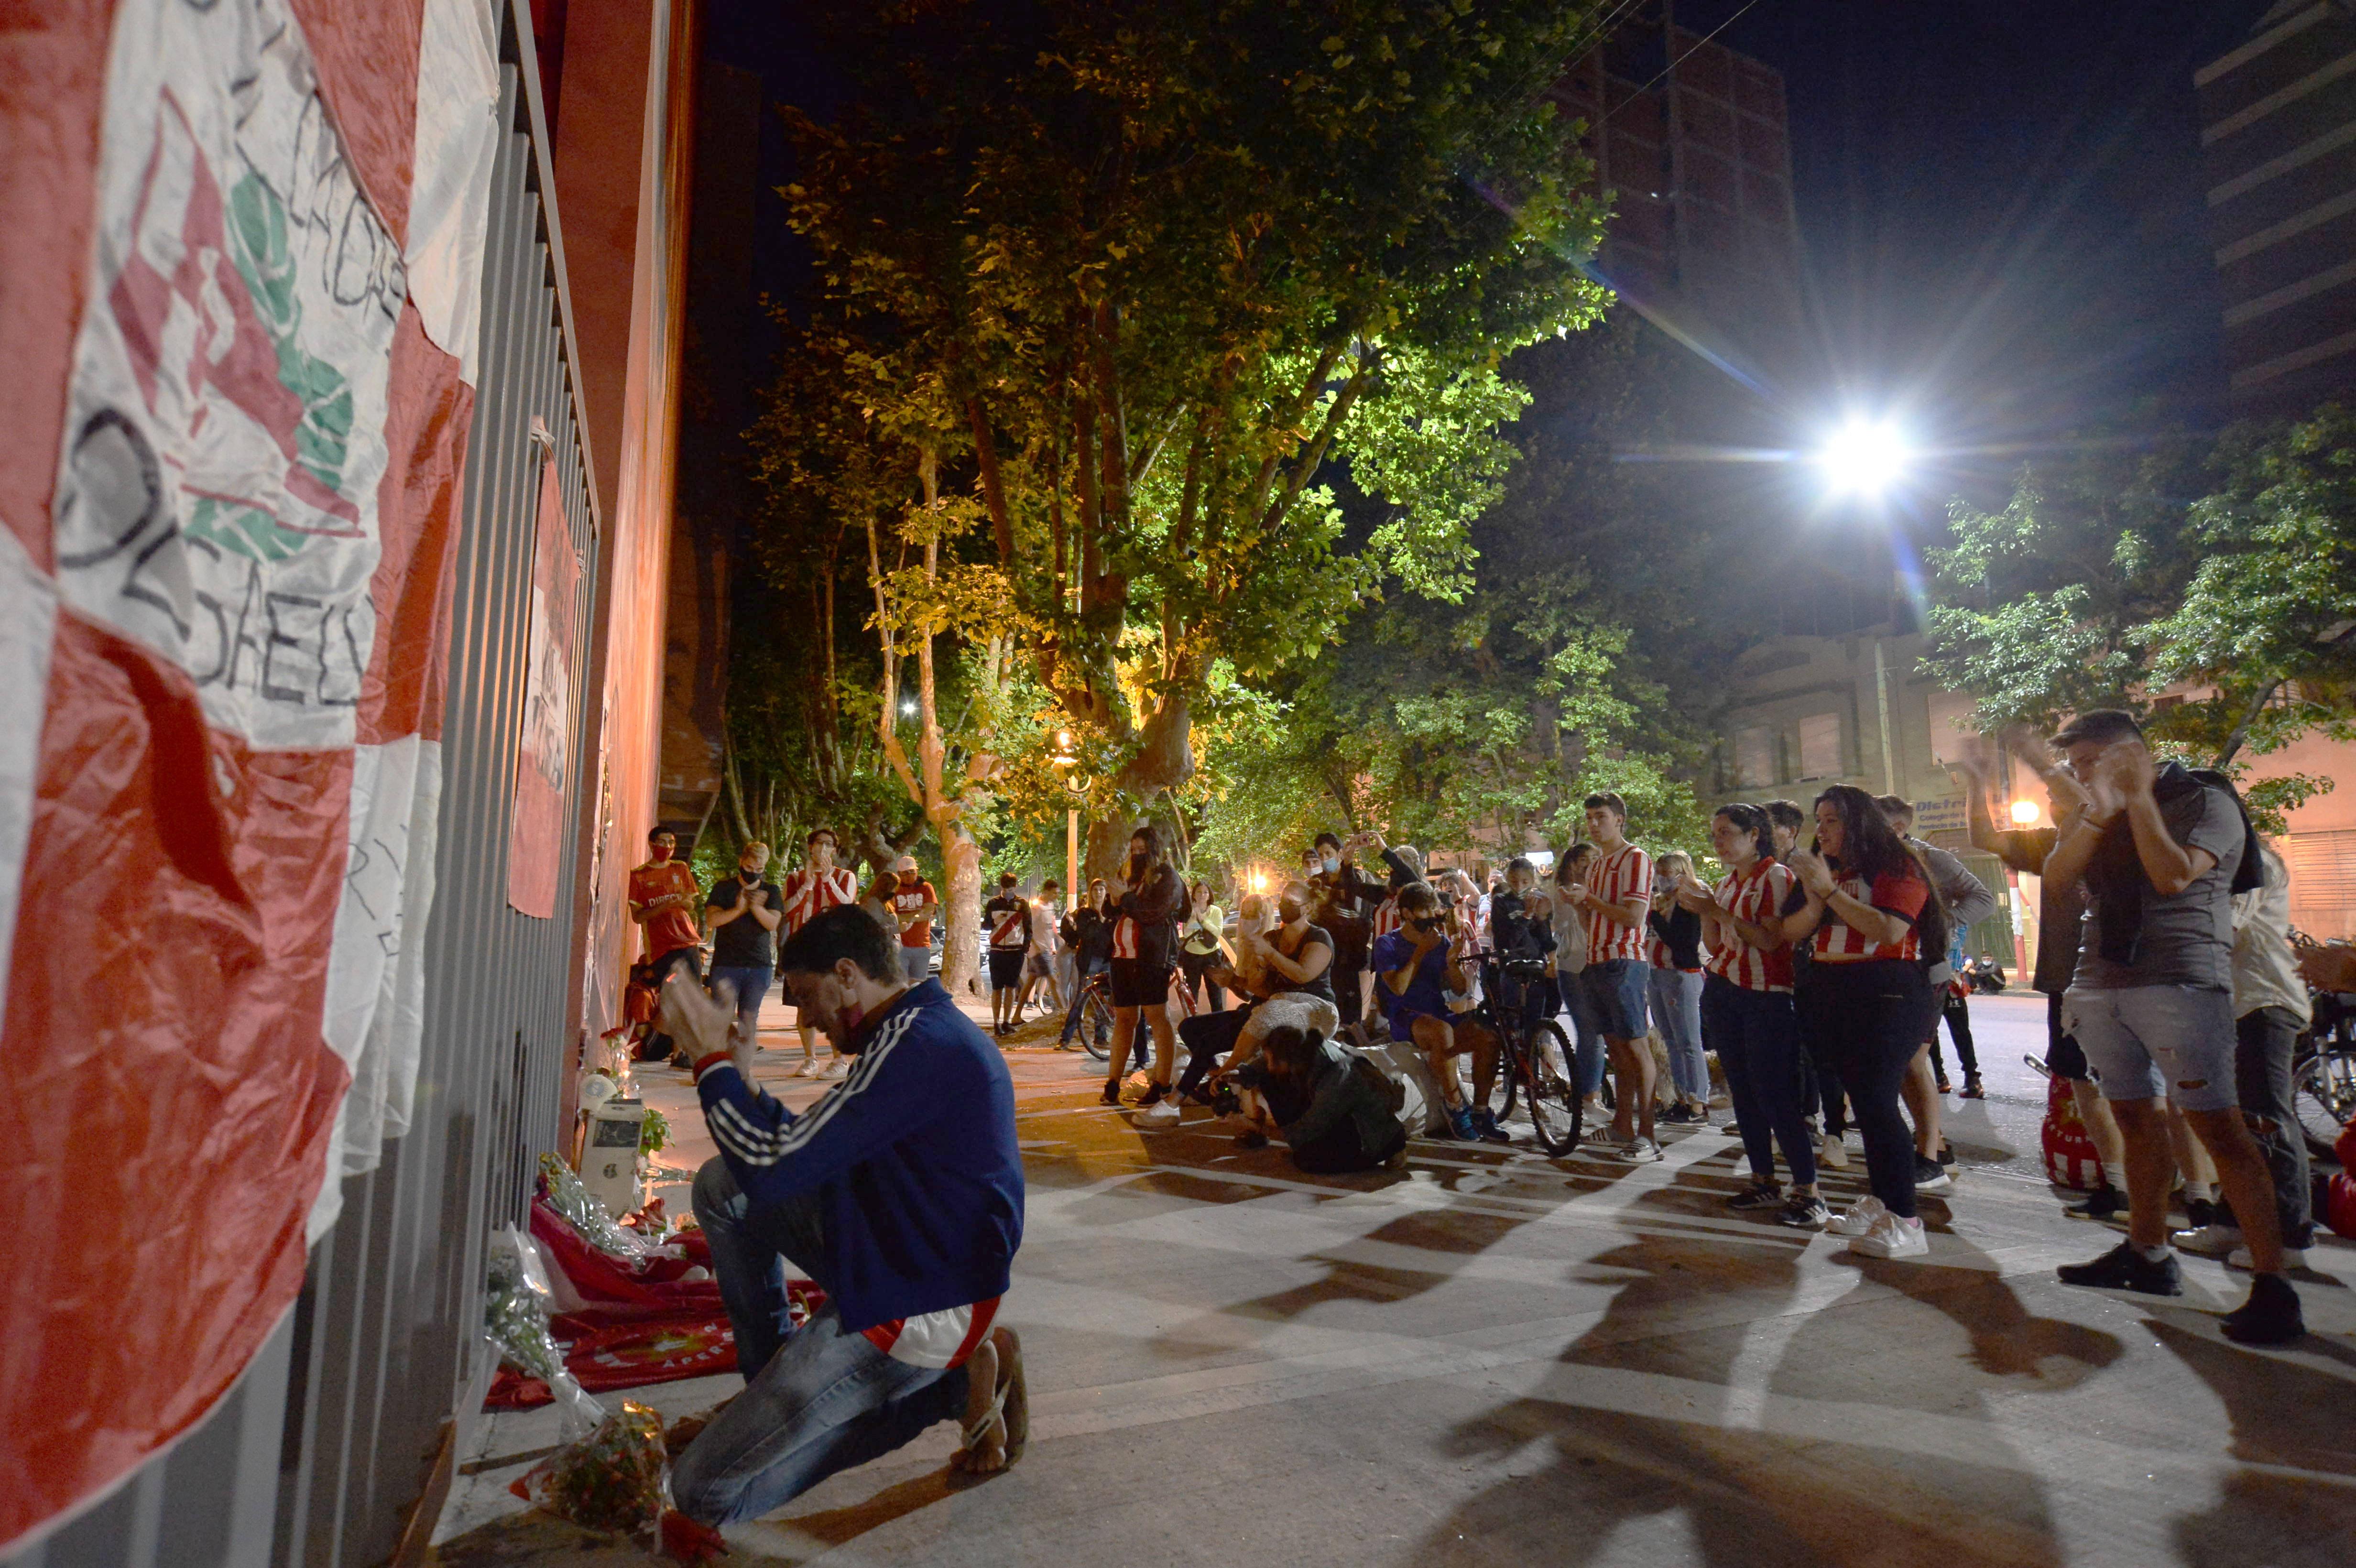 La cancha del León está ubicada en la avenida 1 entre 55 y 57, en la ciudad de La Plata, Argentina